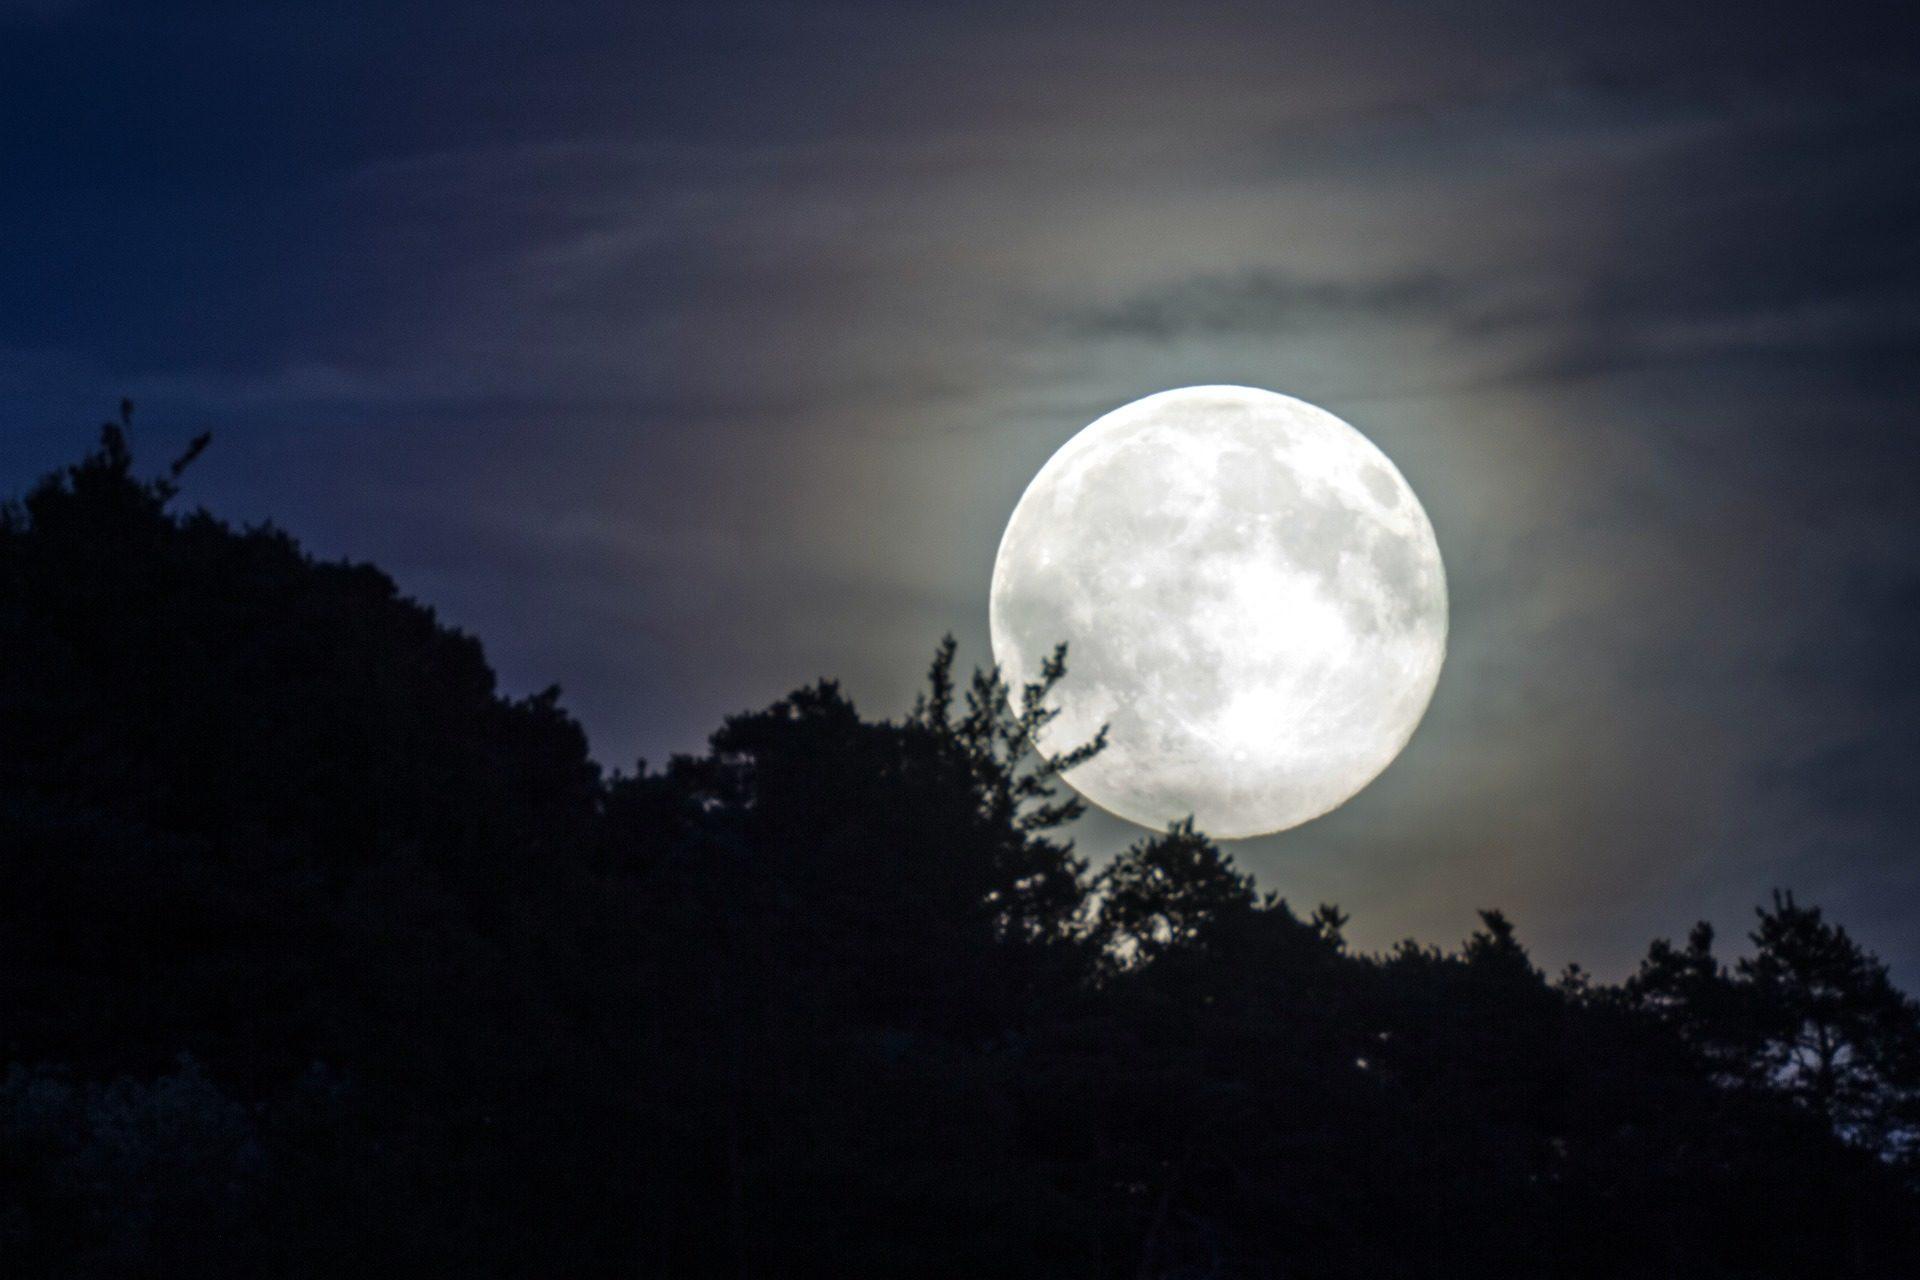 月, 完全, 夜, フォレスト, 影, 光 - HD の壁紙 - 教授-falken.com